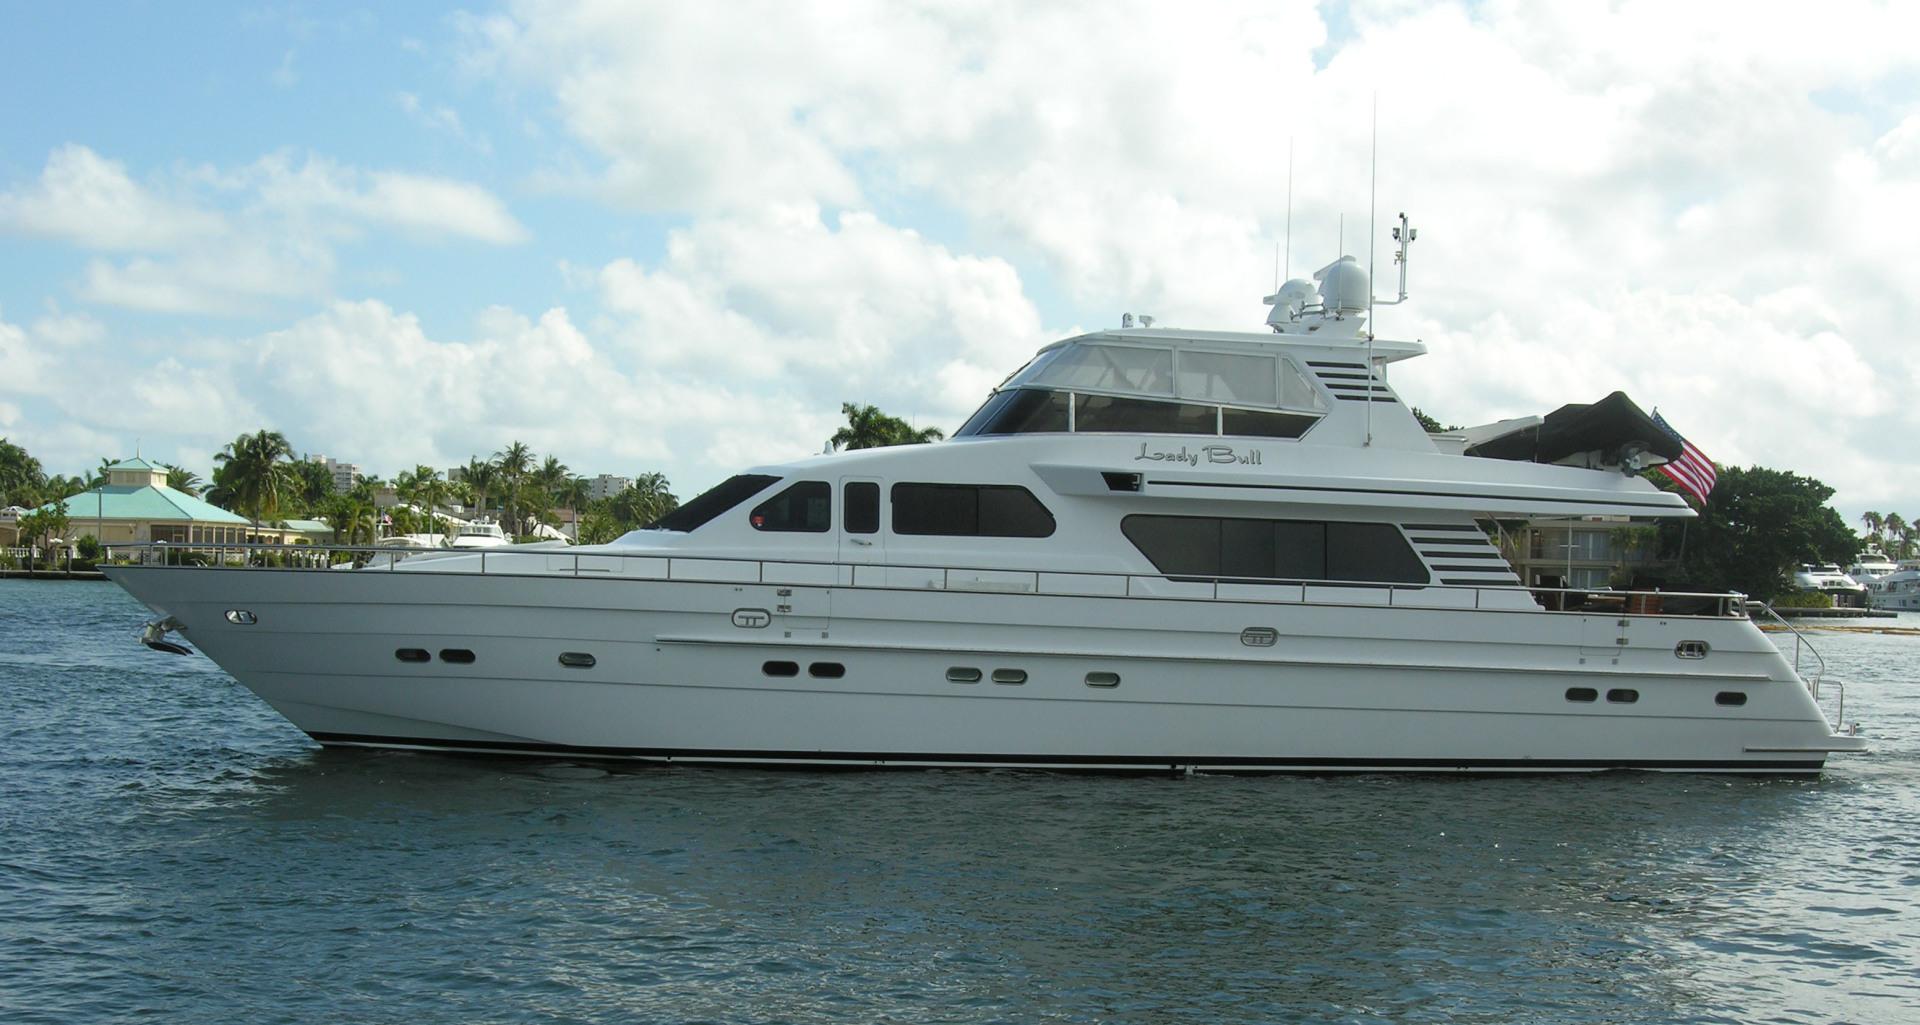 """2001 Horizon 82' Flybridge Motor Yacht """"LADY BULL"""""""